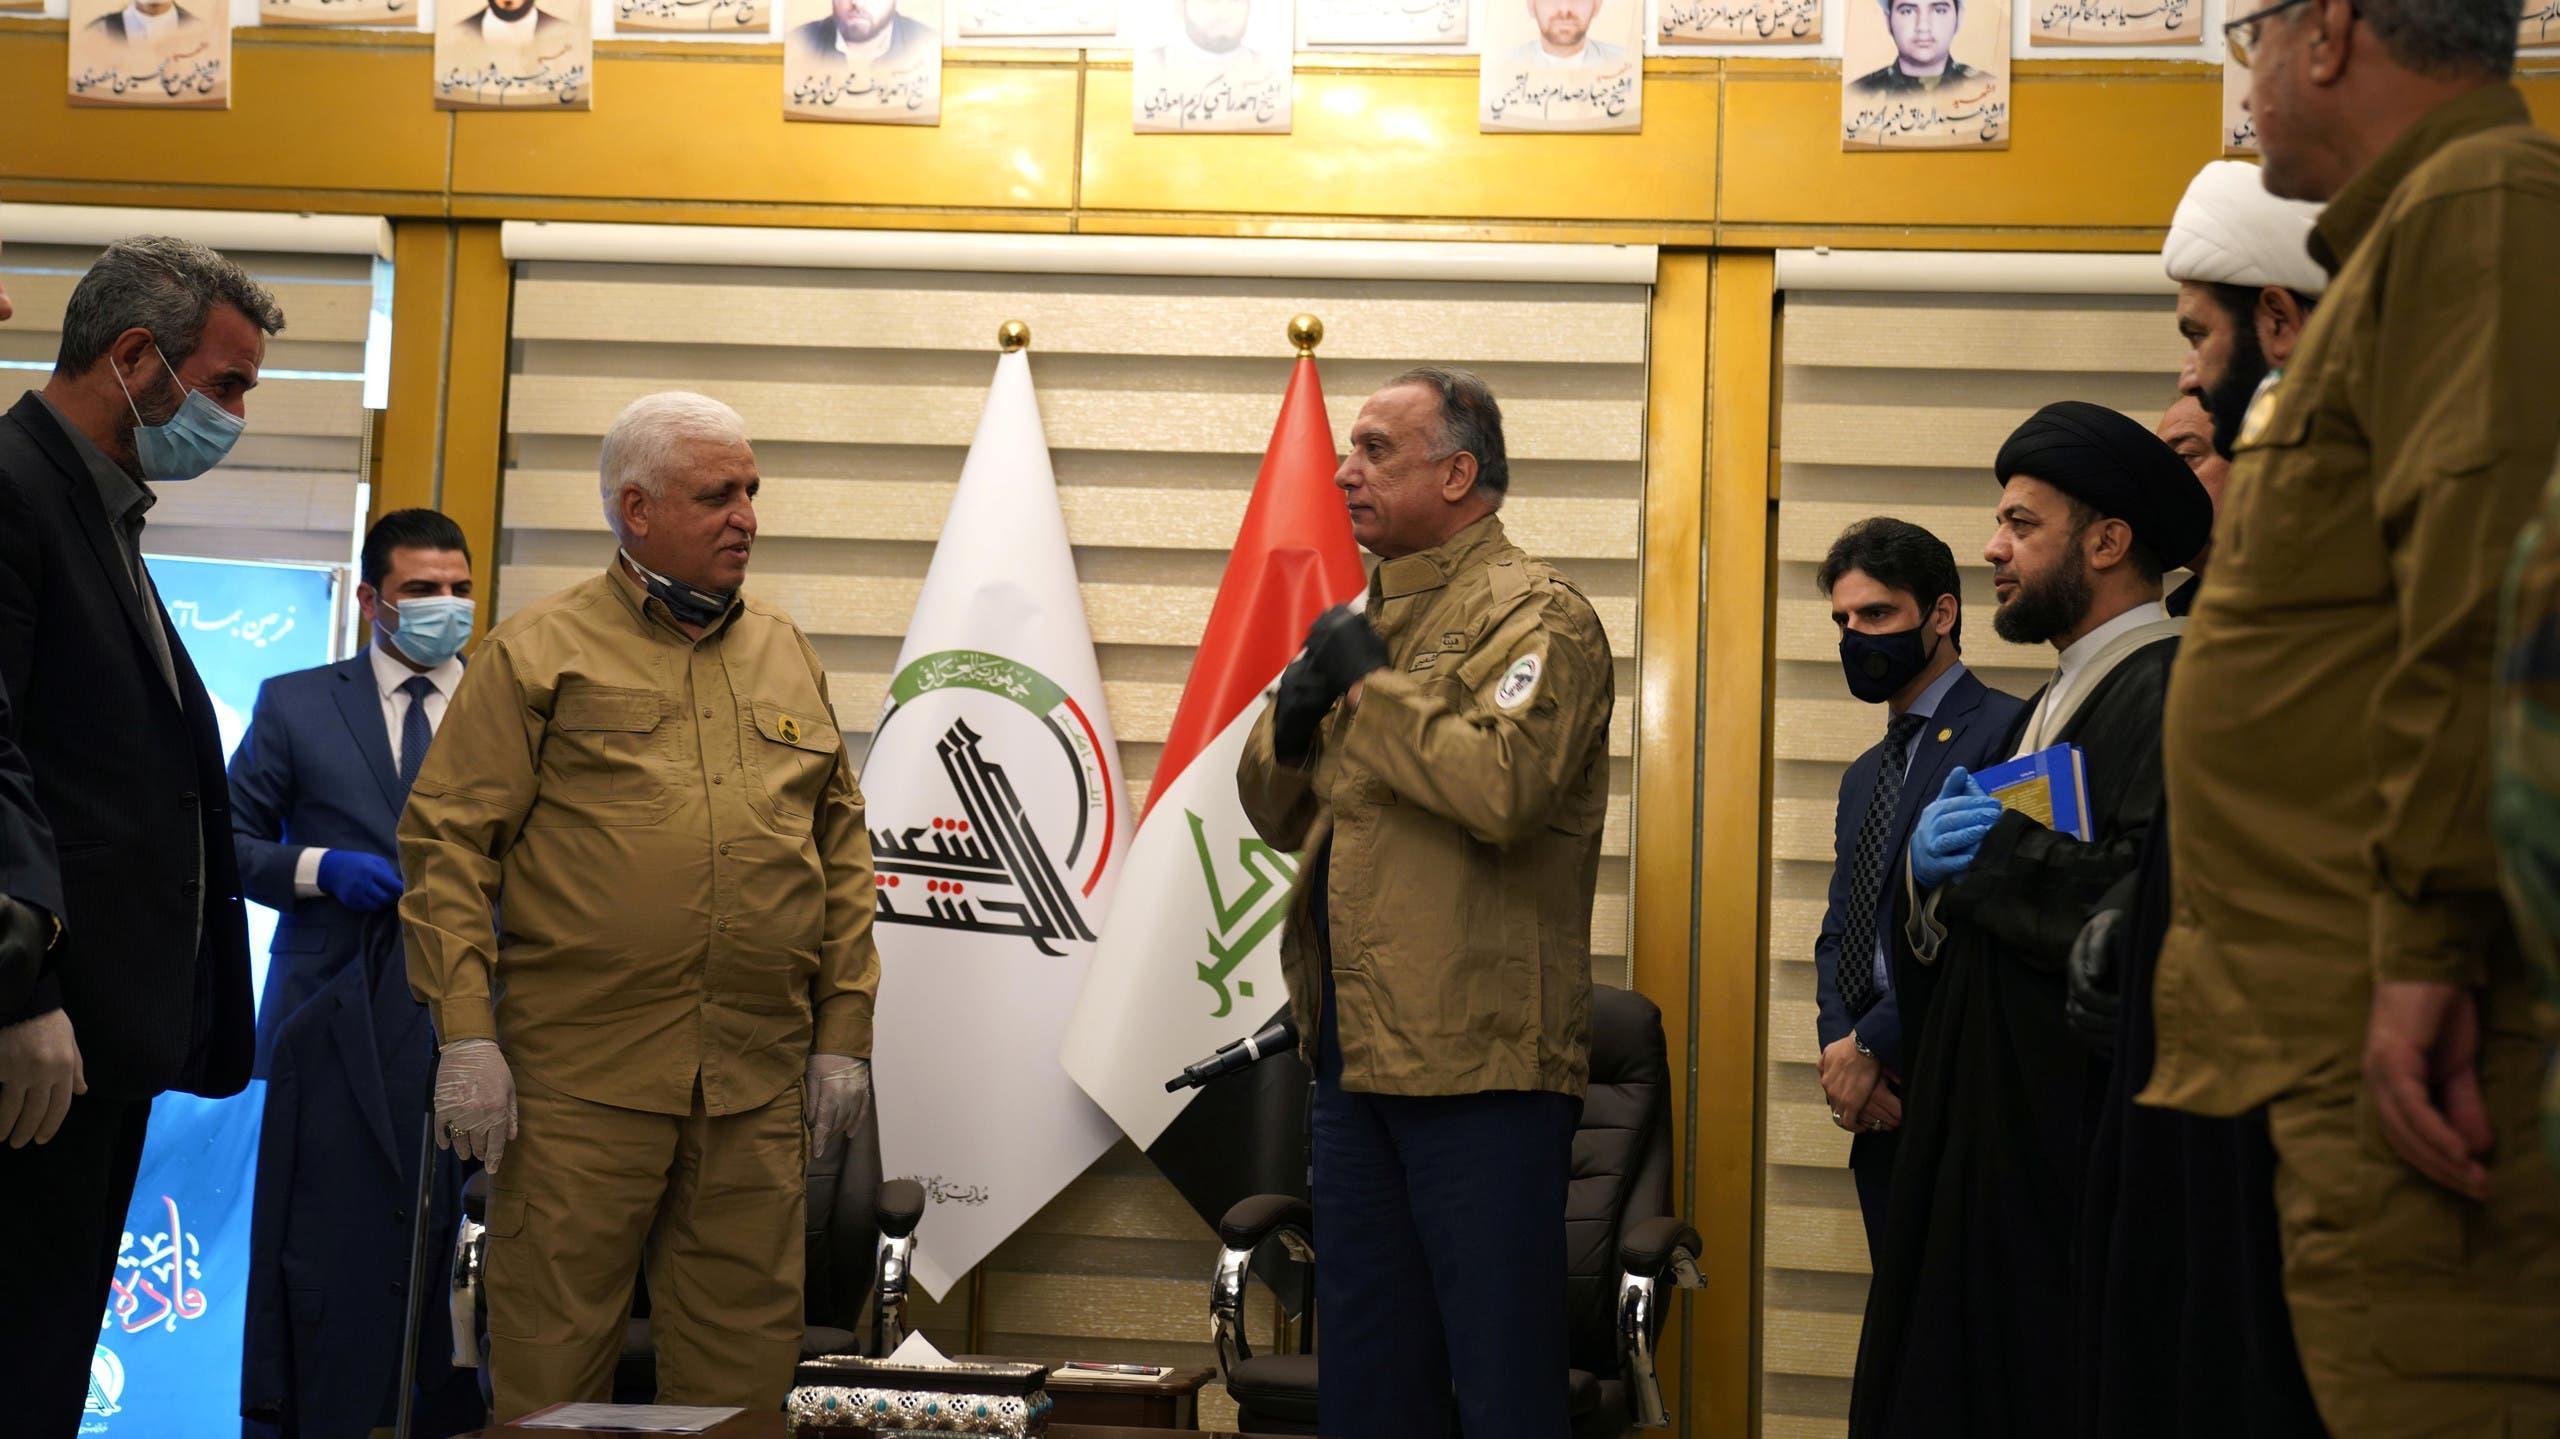 رئيس هيئة الحشد الشعبي فالح الفياض ورئيس الوزراء العراقي مصطفى الكاظمي (أرشيفية- رويترز)